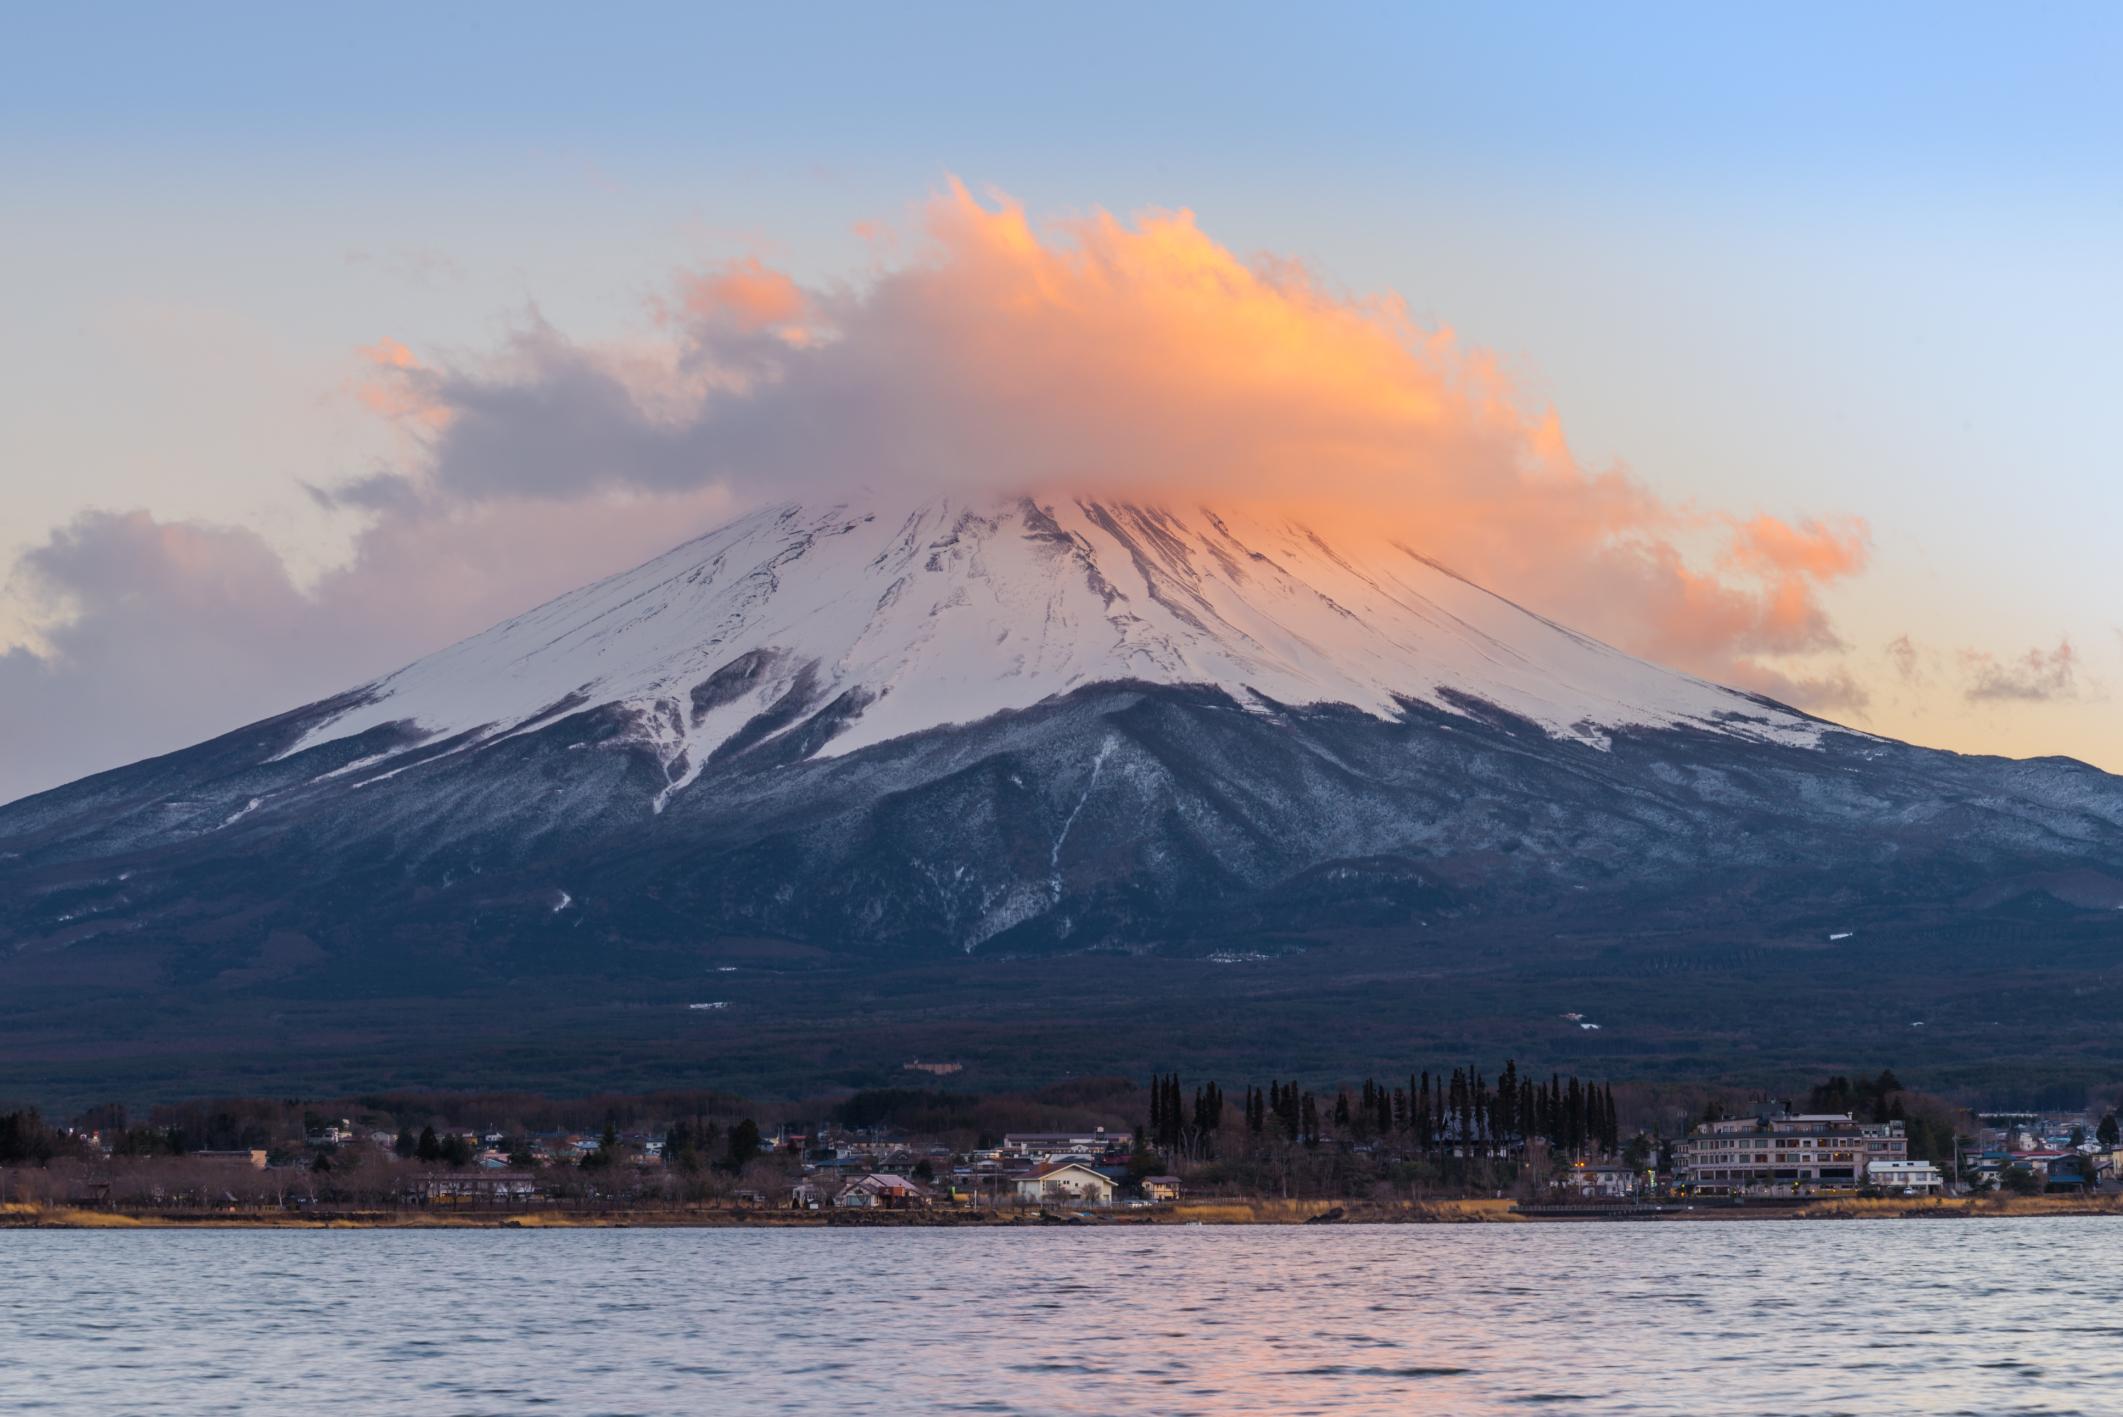 富士山一日游线路_富士山一日游价格_旅游团